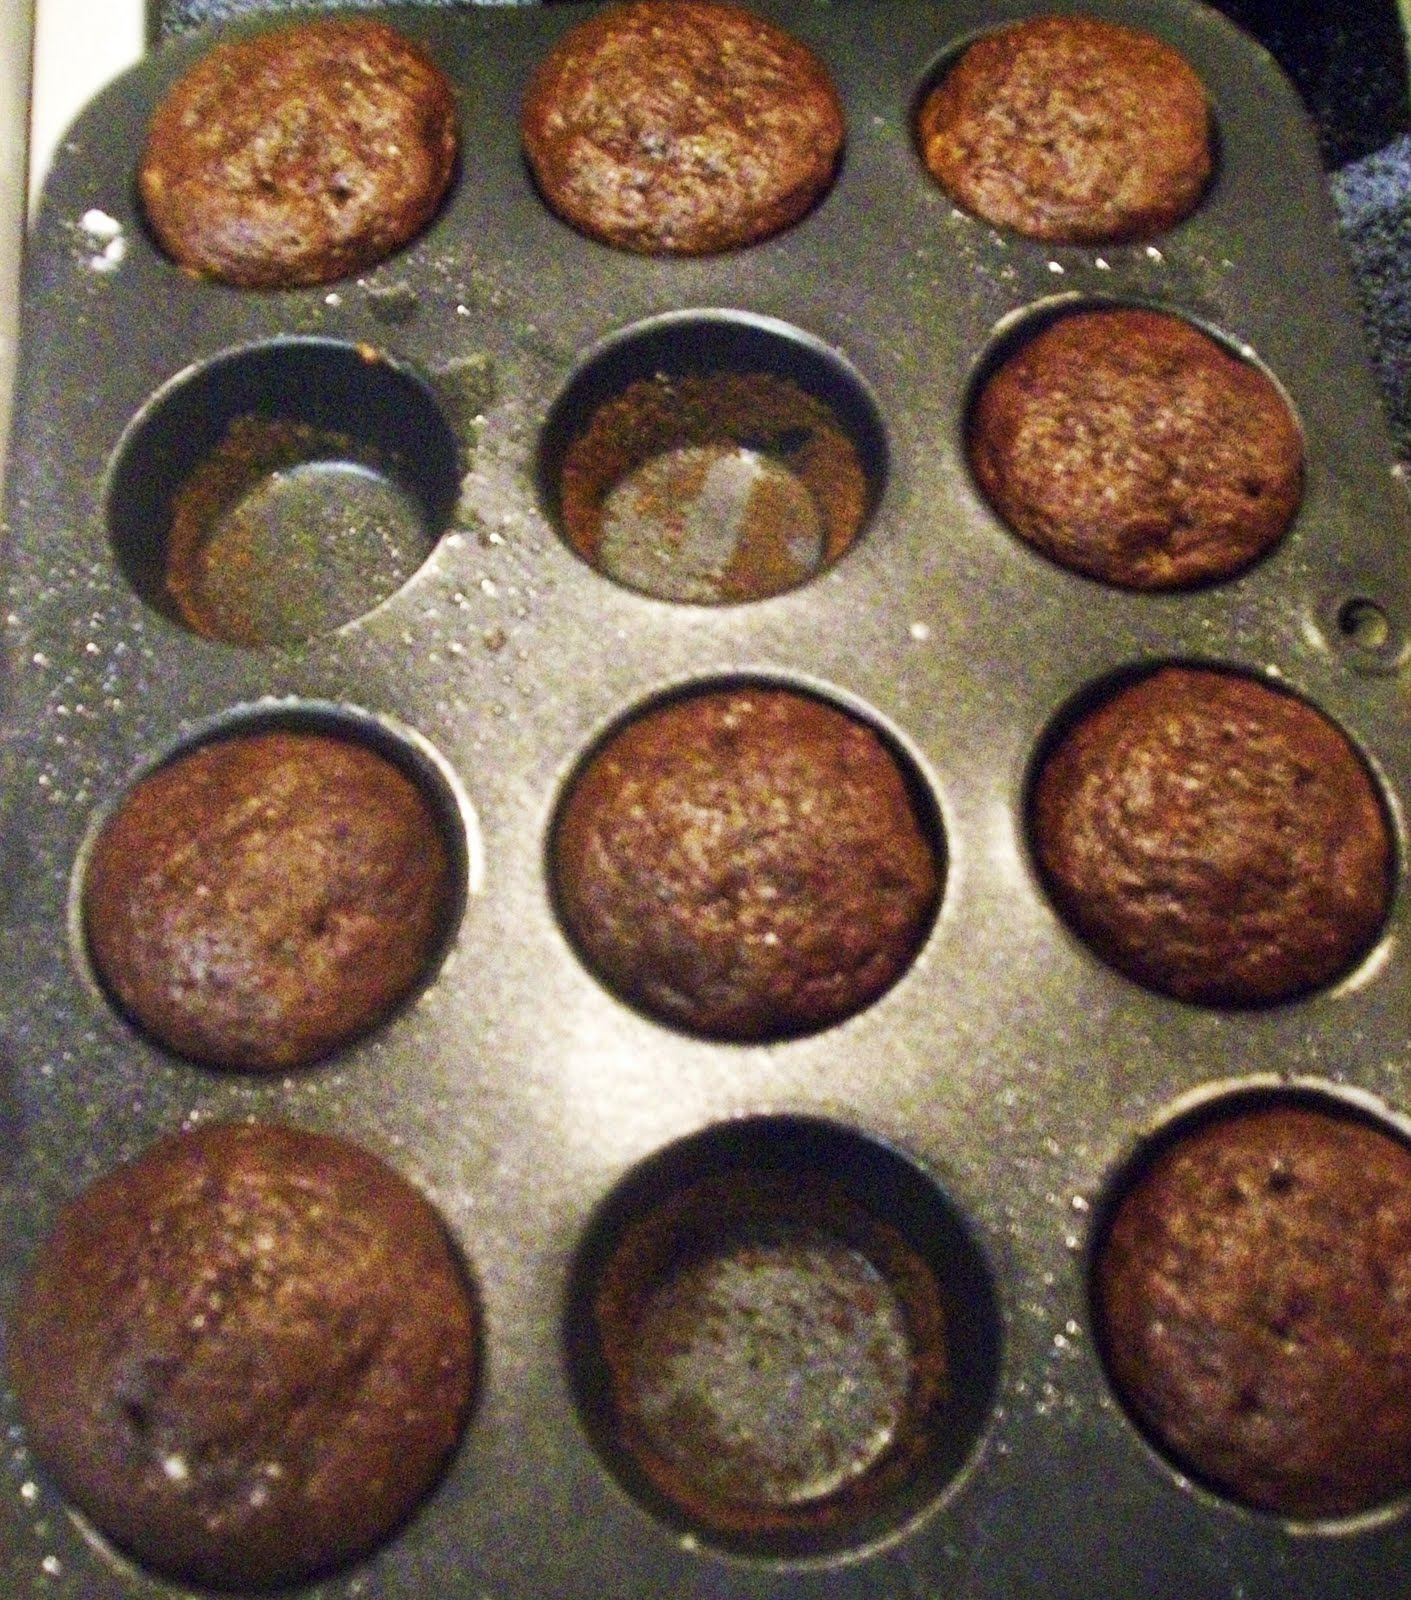 http://2.bp.blogspot.com/_oLTuDJM9dBQ/TIwreXGCM7I/AAAAAAAAAe8/ndvubn331m8/s1600/Cupcakes%2Band%2BBread%2BSticks%2B013.JPG